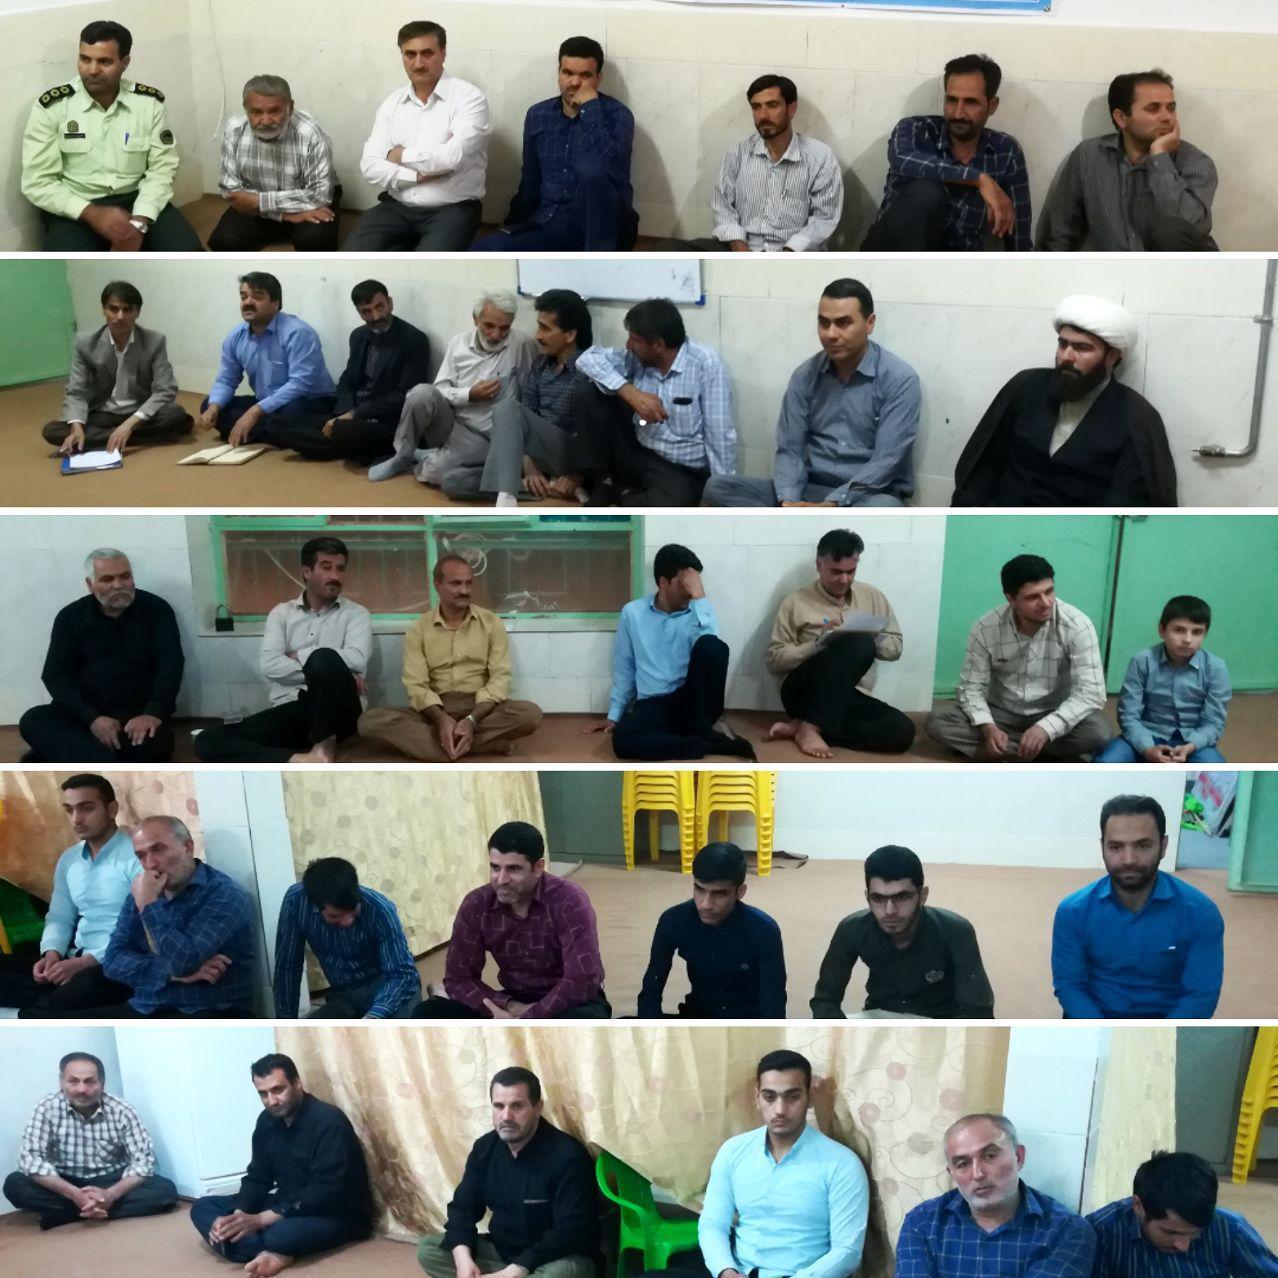 برگزاری دهمین جلسه برنامه ریزی اجتماع بزرگ مردم بیلند و برگزاری نماز مشترک عید سعید فطر